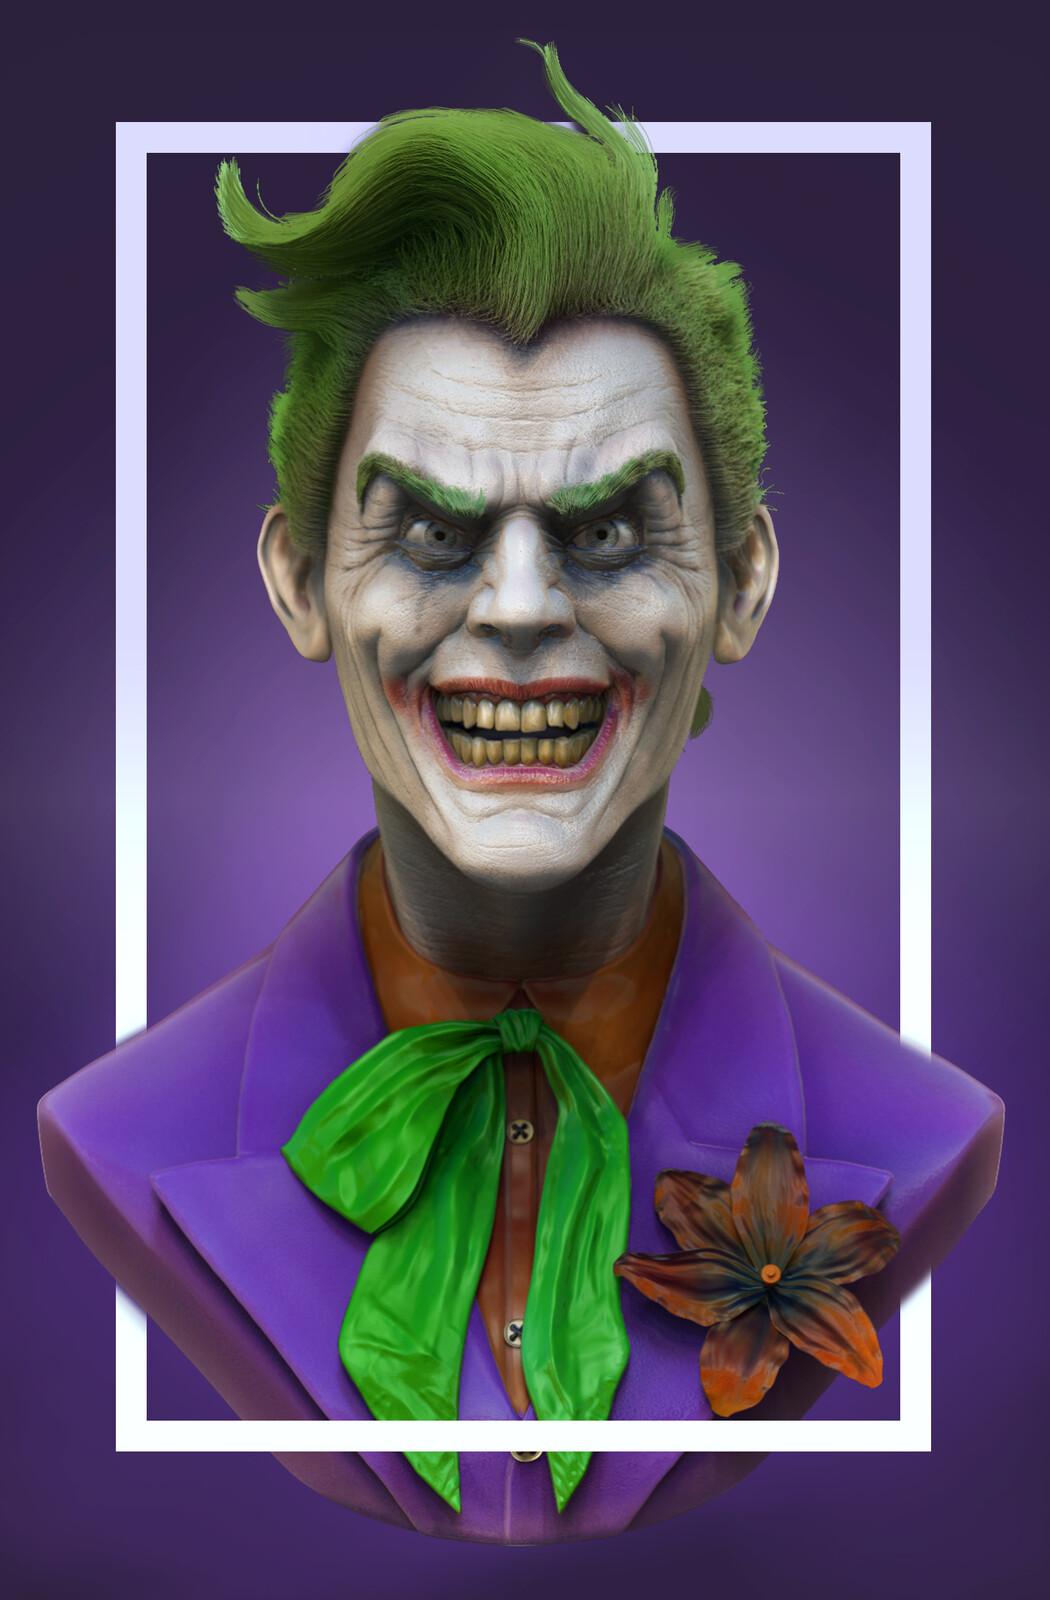 Joker, final